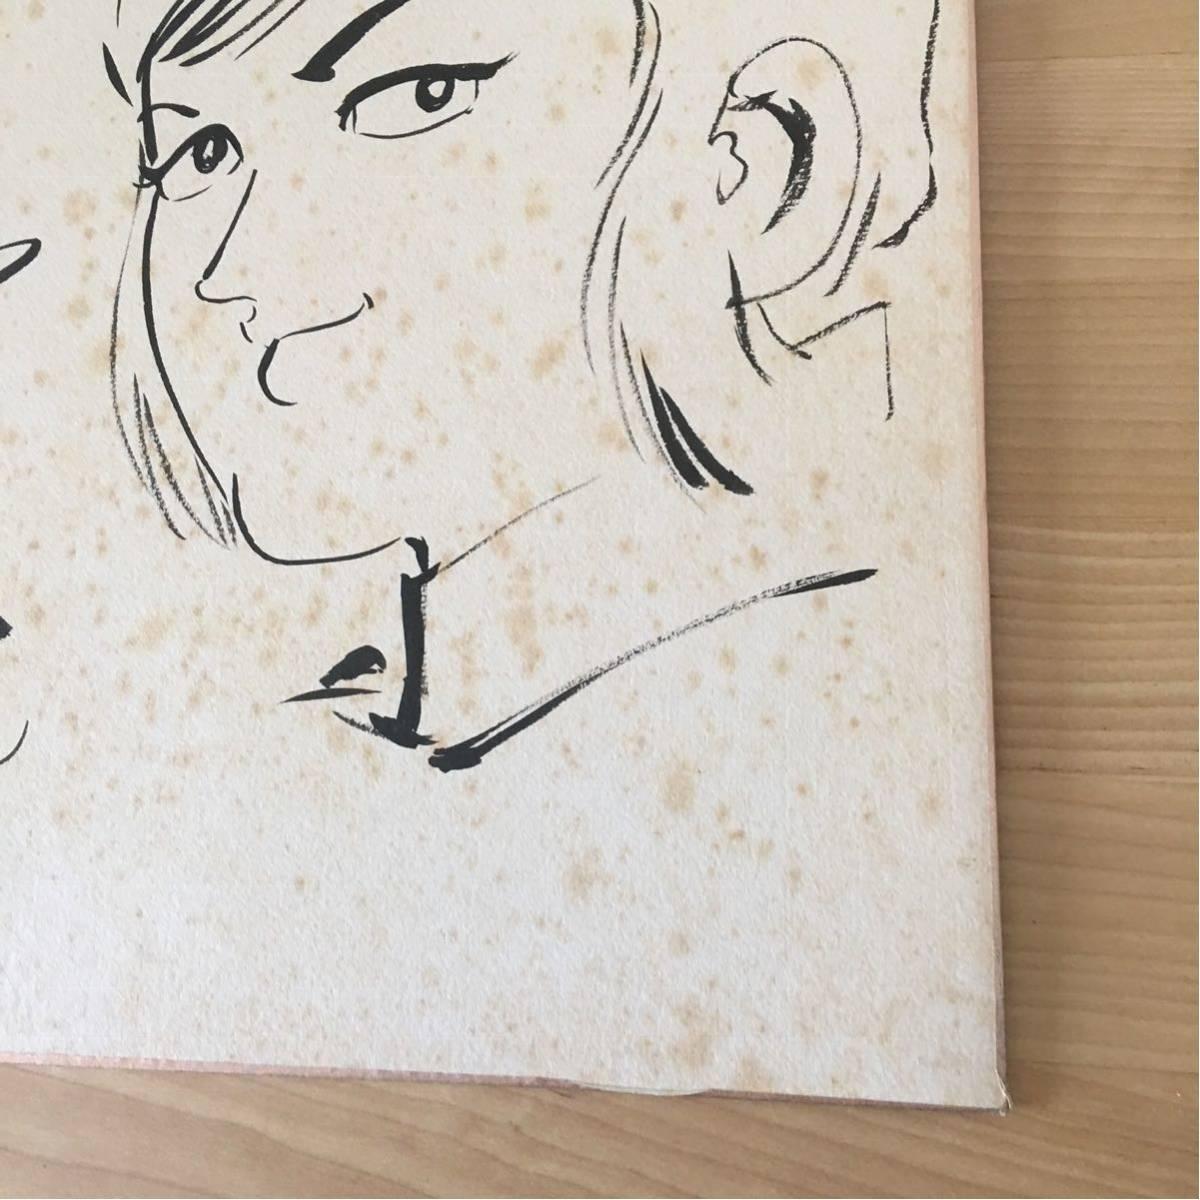 レア★望月三起也 直筆 イラスト入り サイン色紙★_画像2